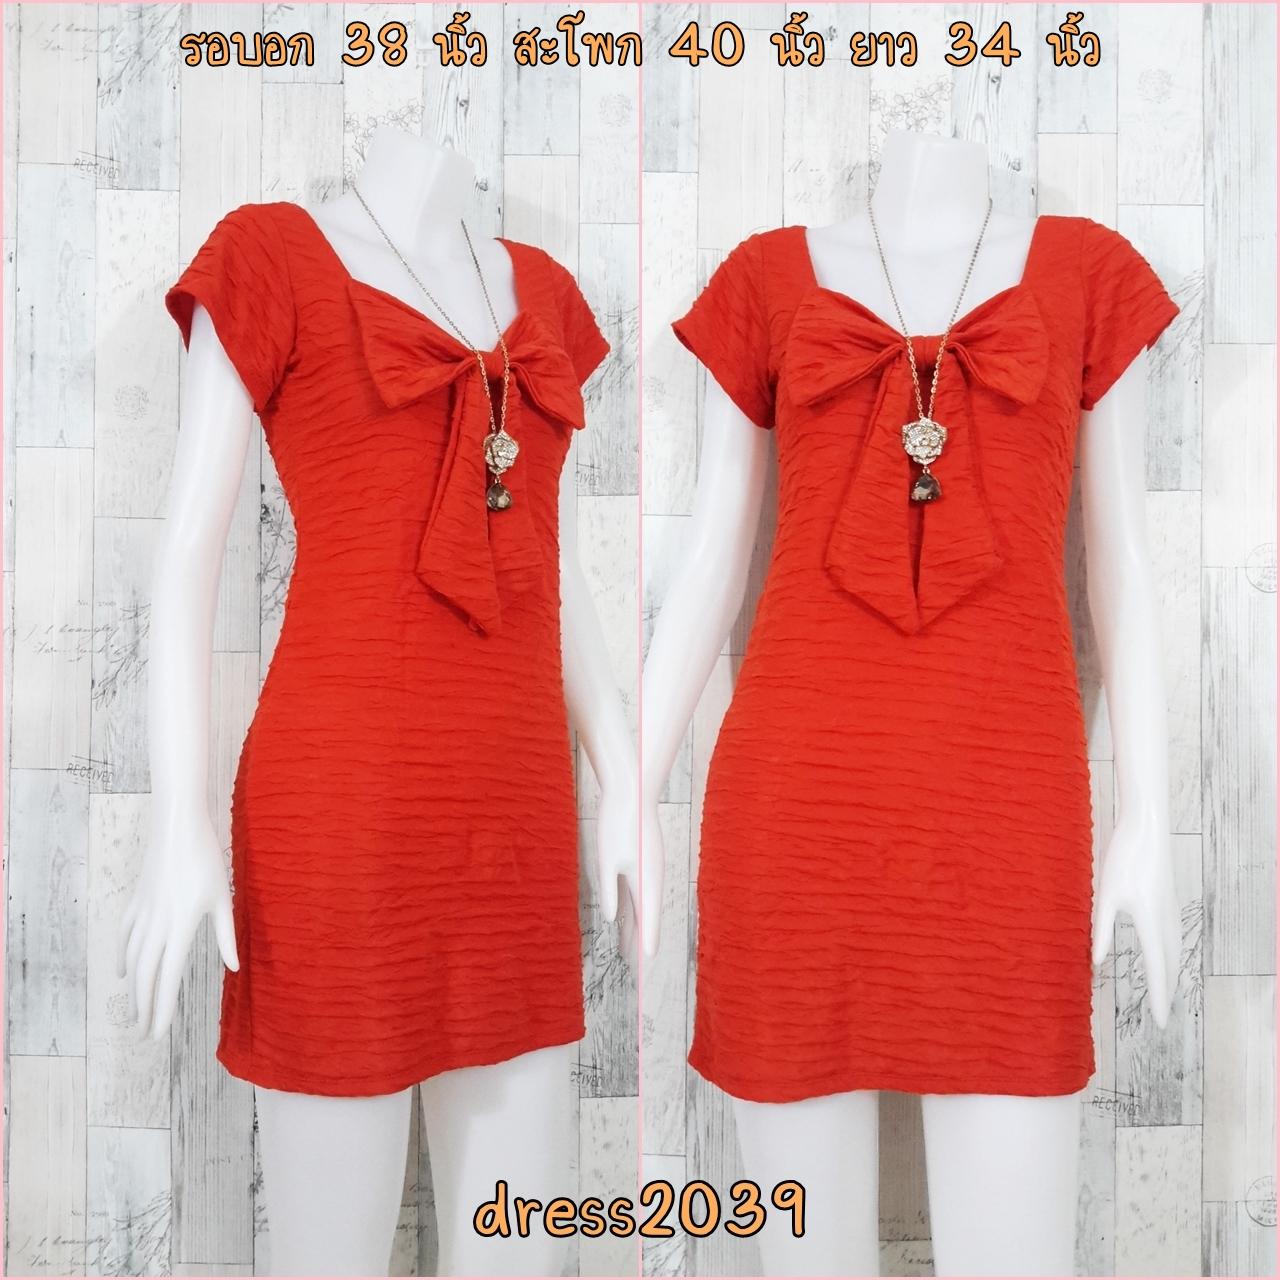 LOT SALE!! Dress2039 เดรสแฟชั่นคอโบว์ผ้าคอตตอนเนื้อดีนุ่มยืดขยายได้เยอะ สีส้มอิฐ